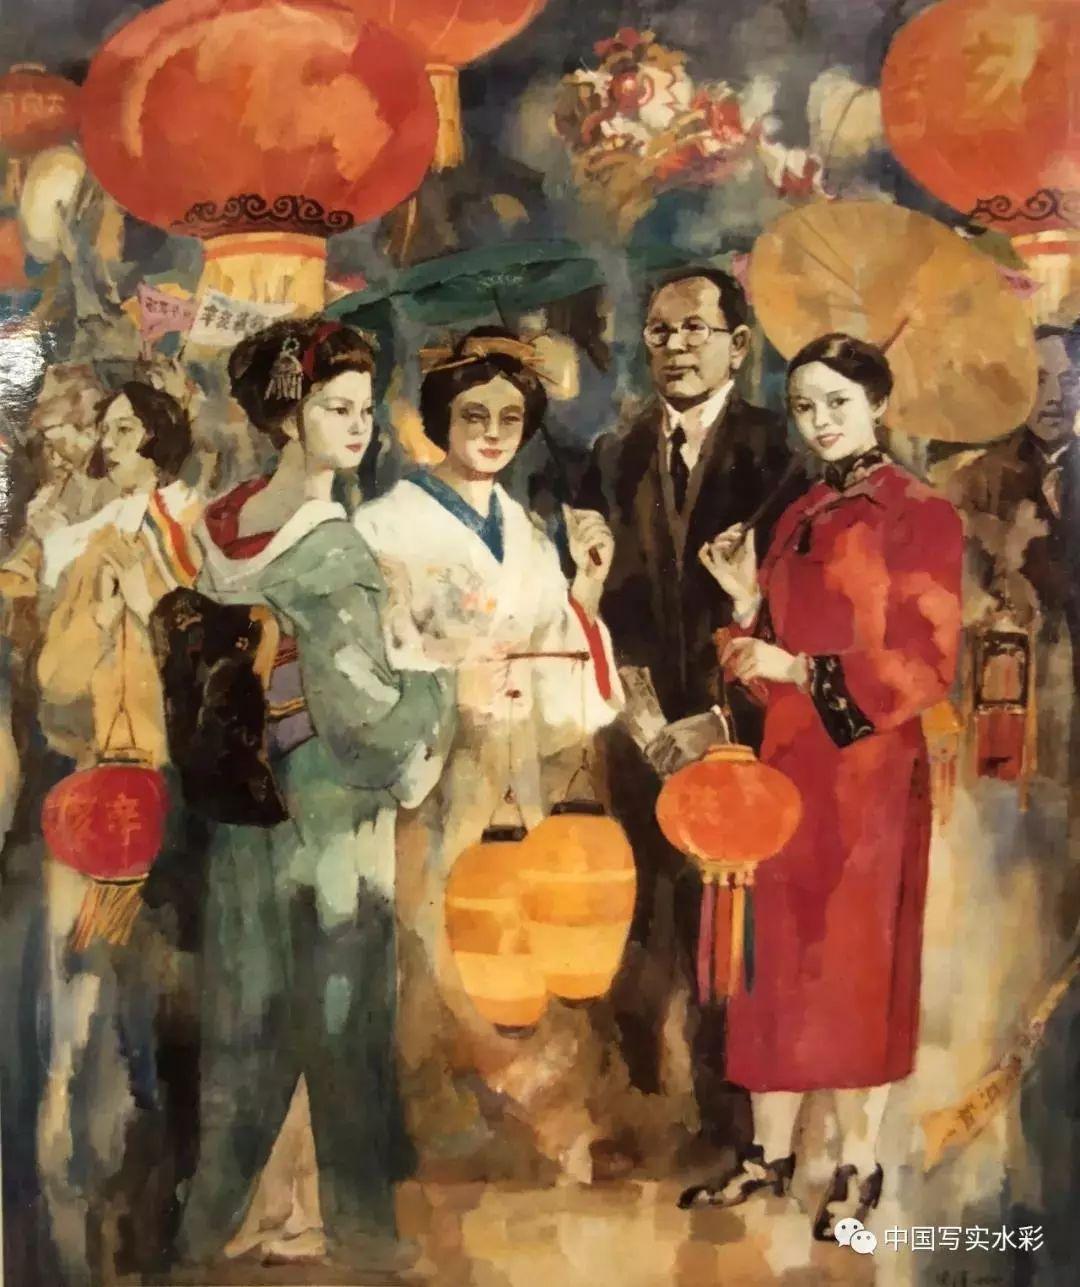 中西合璧 融合跨越|读安滨教授的水彩画